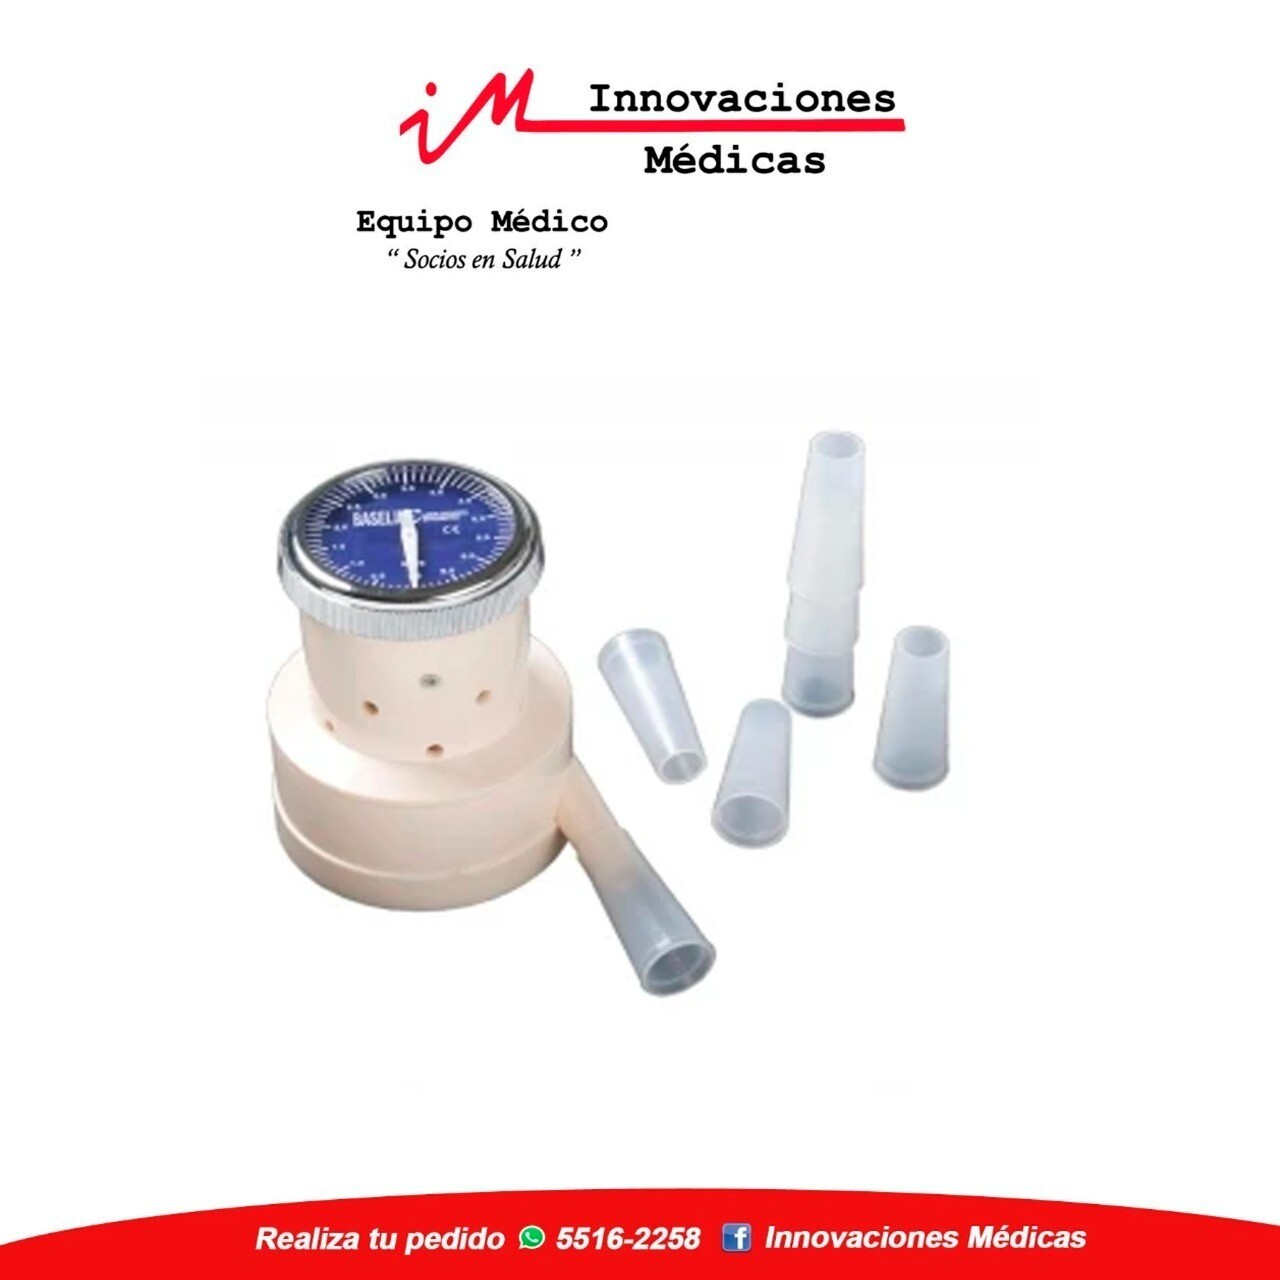 Espirómetro compacto